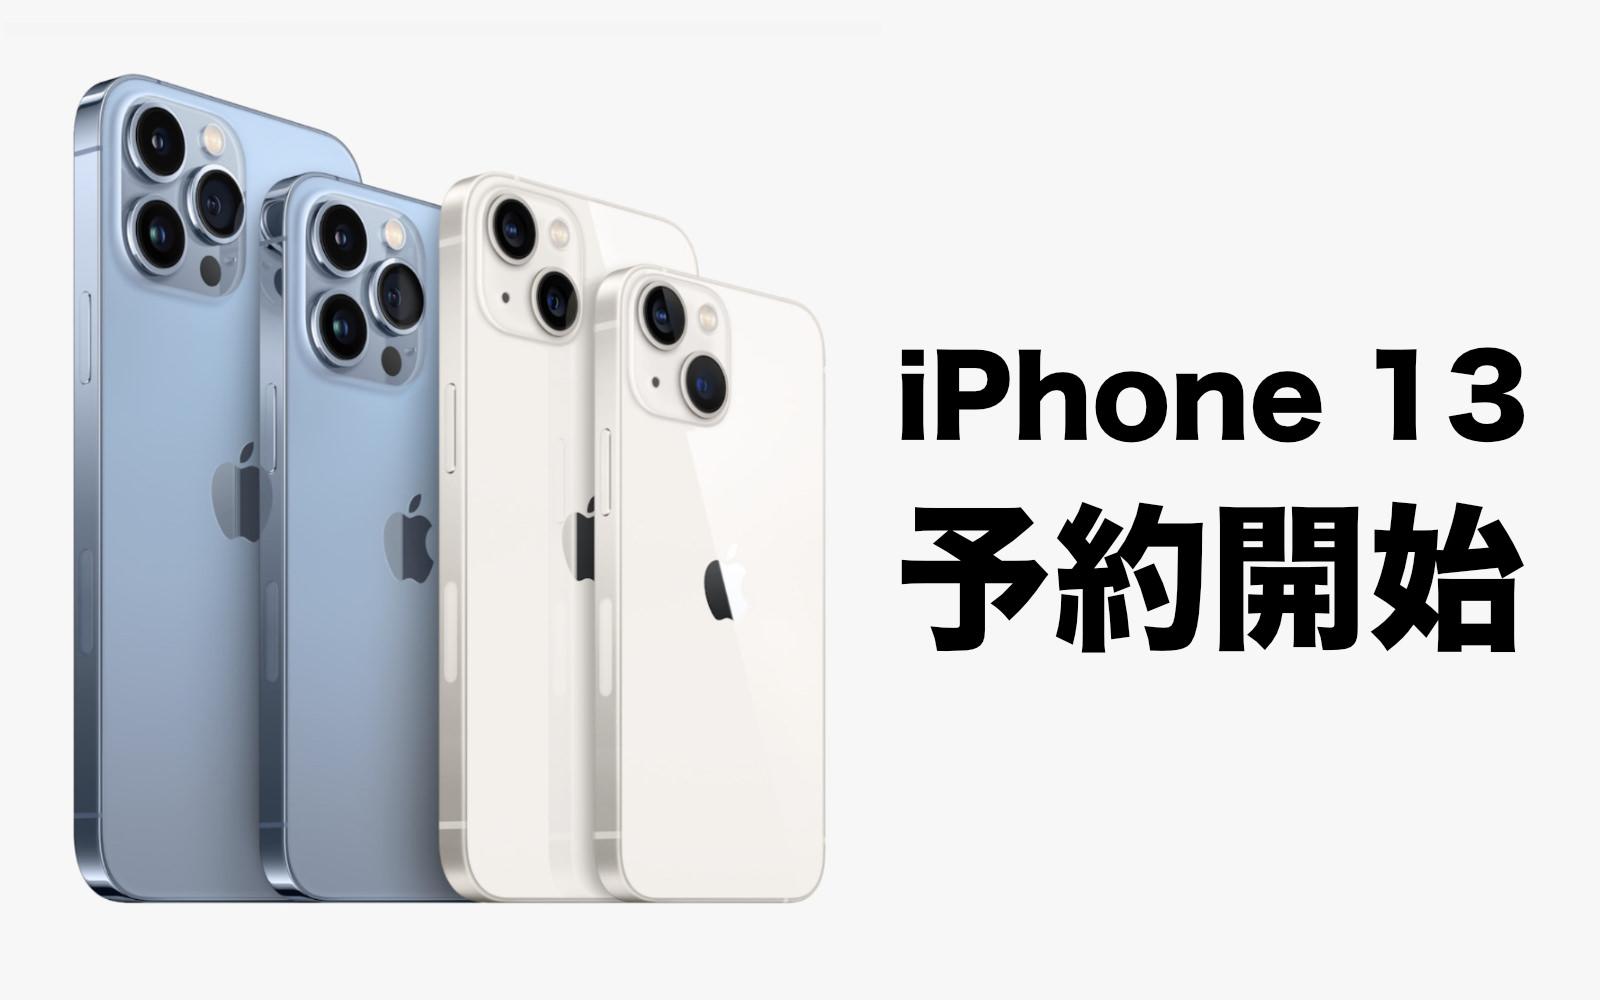 Iphone 13 preorders begin